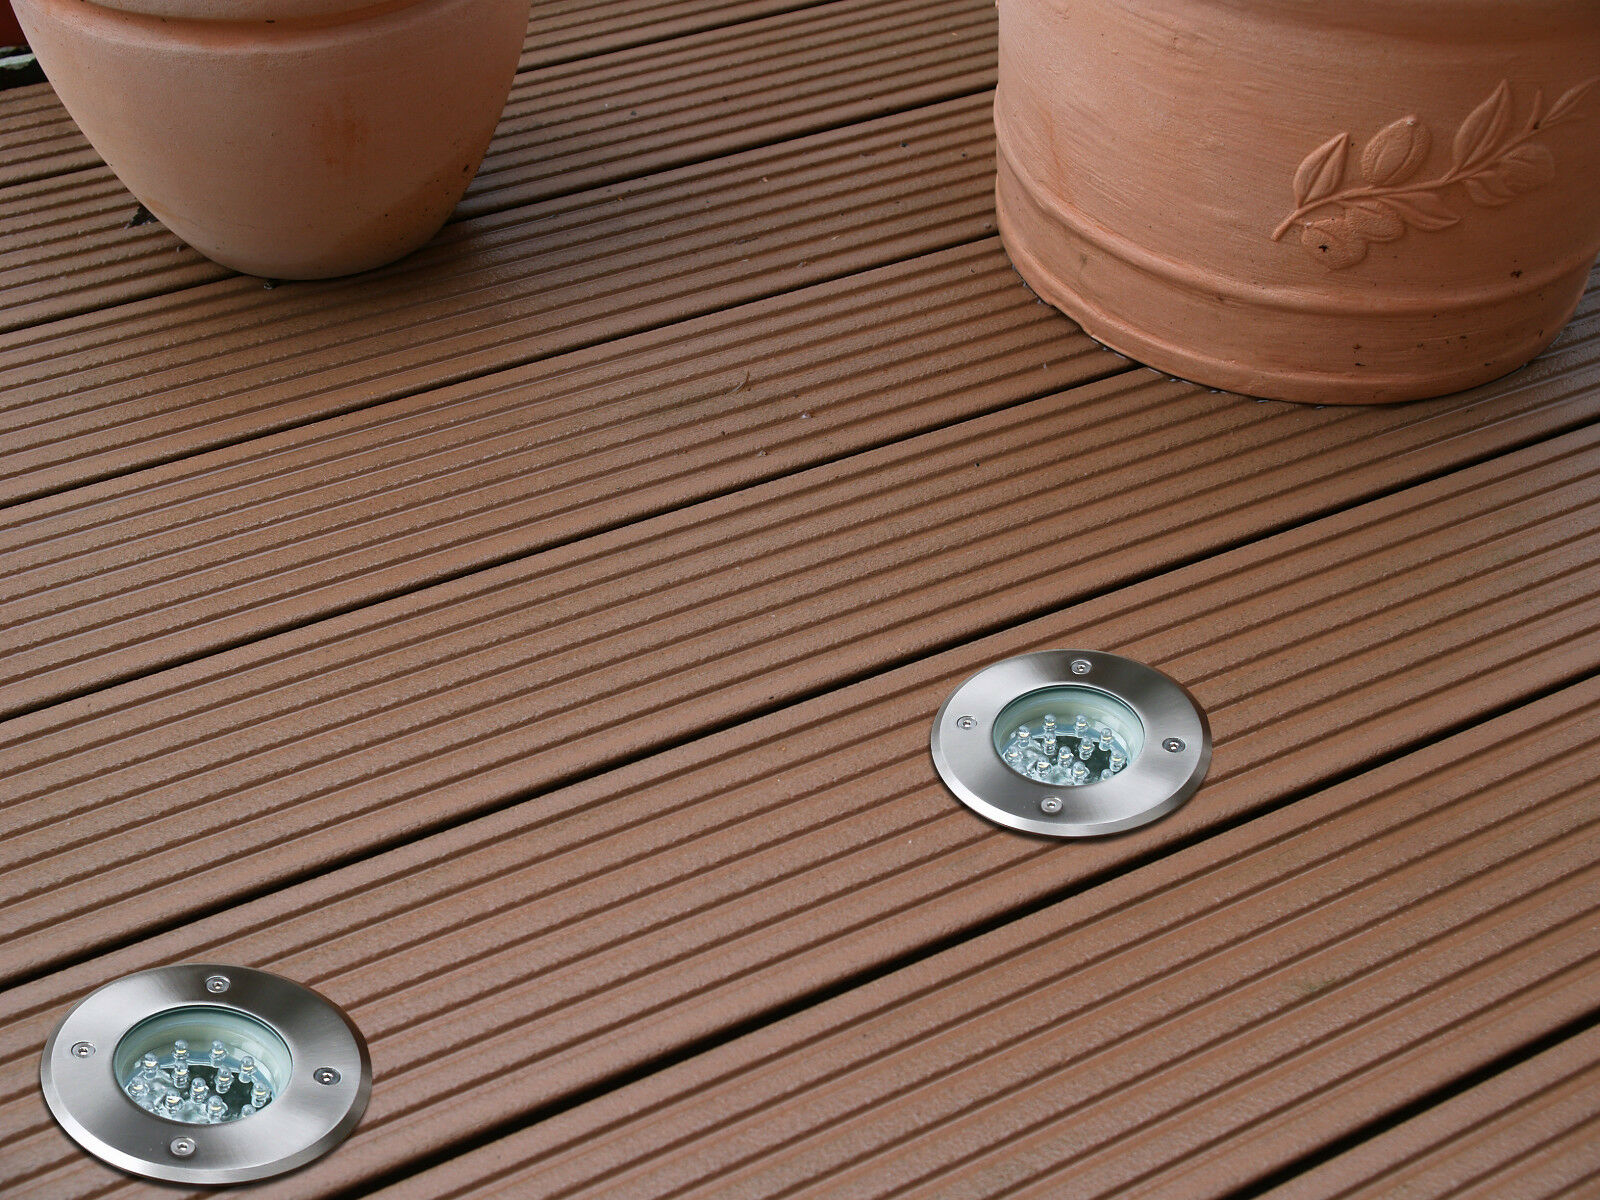 Hochwertige LED Aussenleuchte Bodenstrahler wasserfest inkl. Montagedose 230V